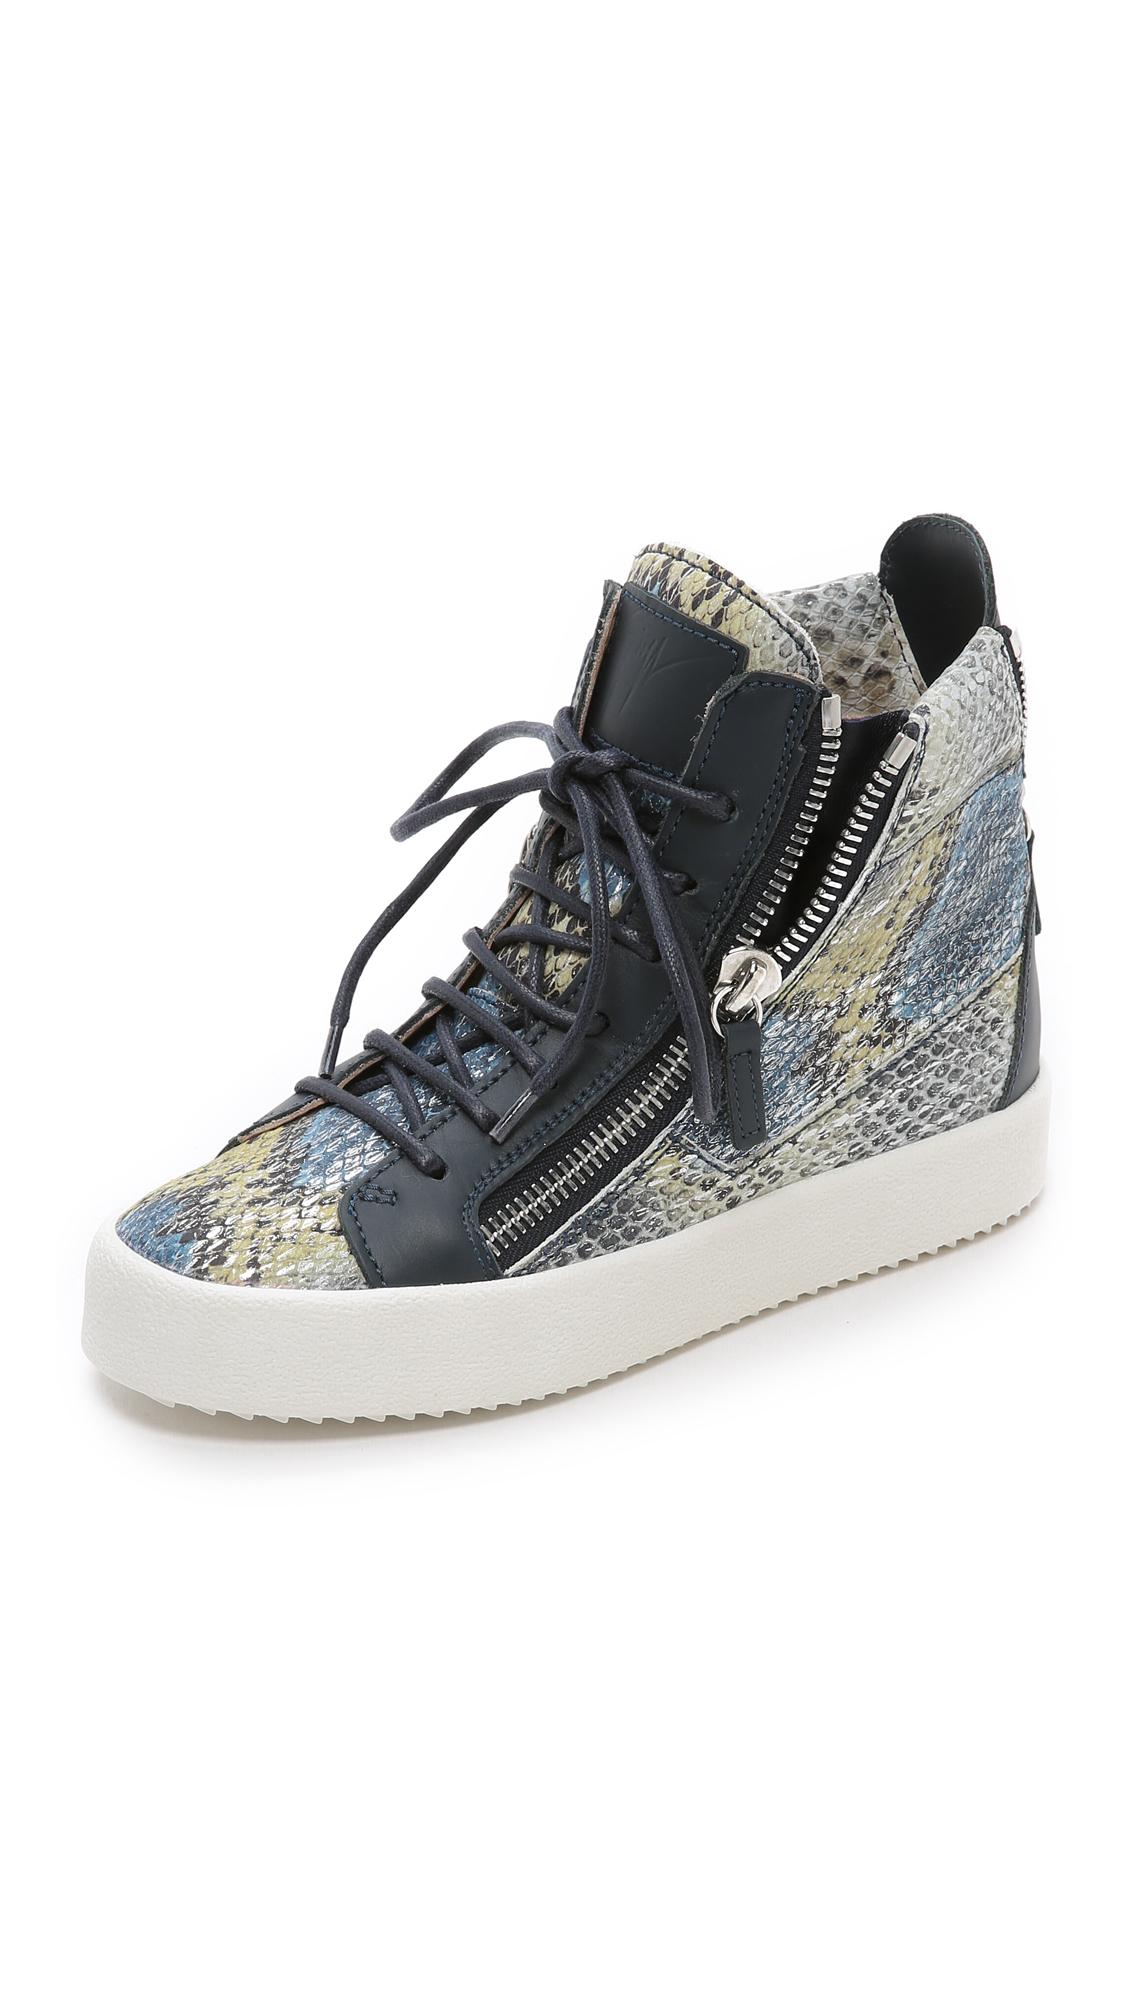 Giuseppe Zanotti Printed Snake Sneakers In Blue Multi